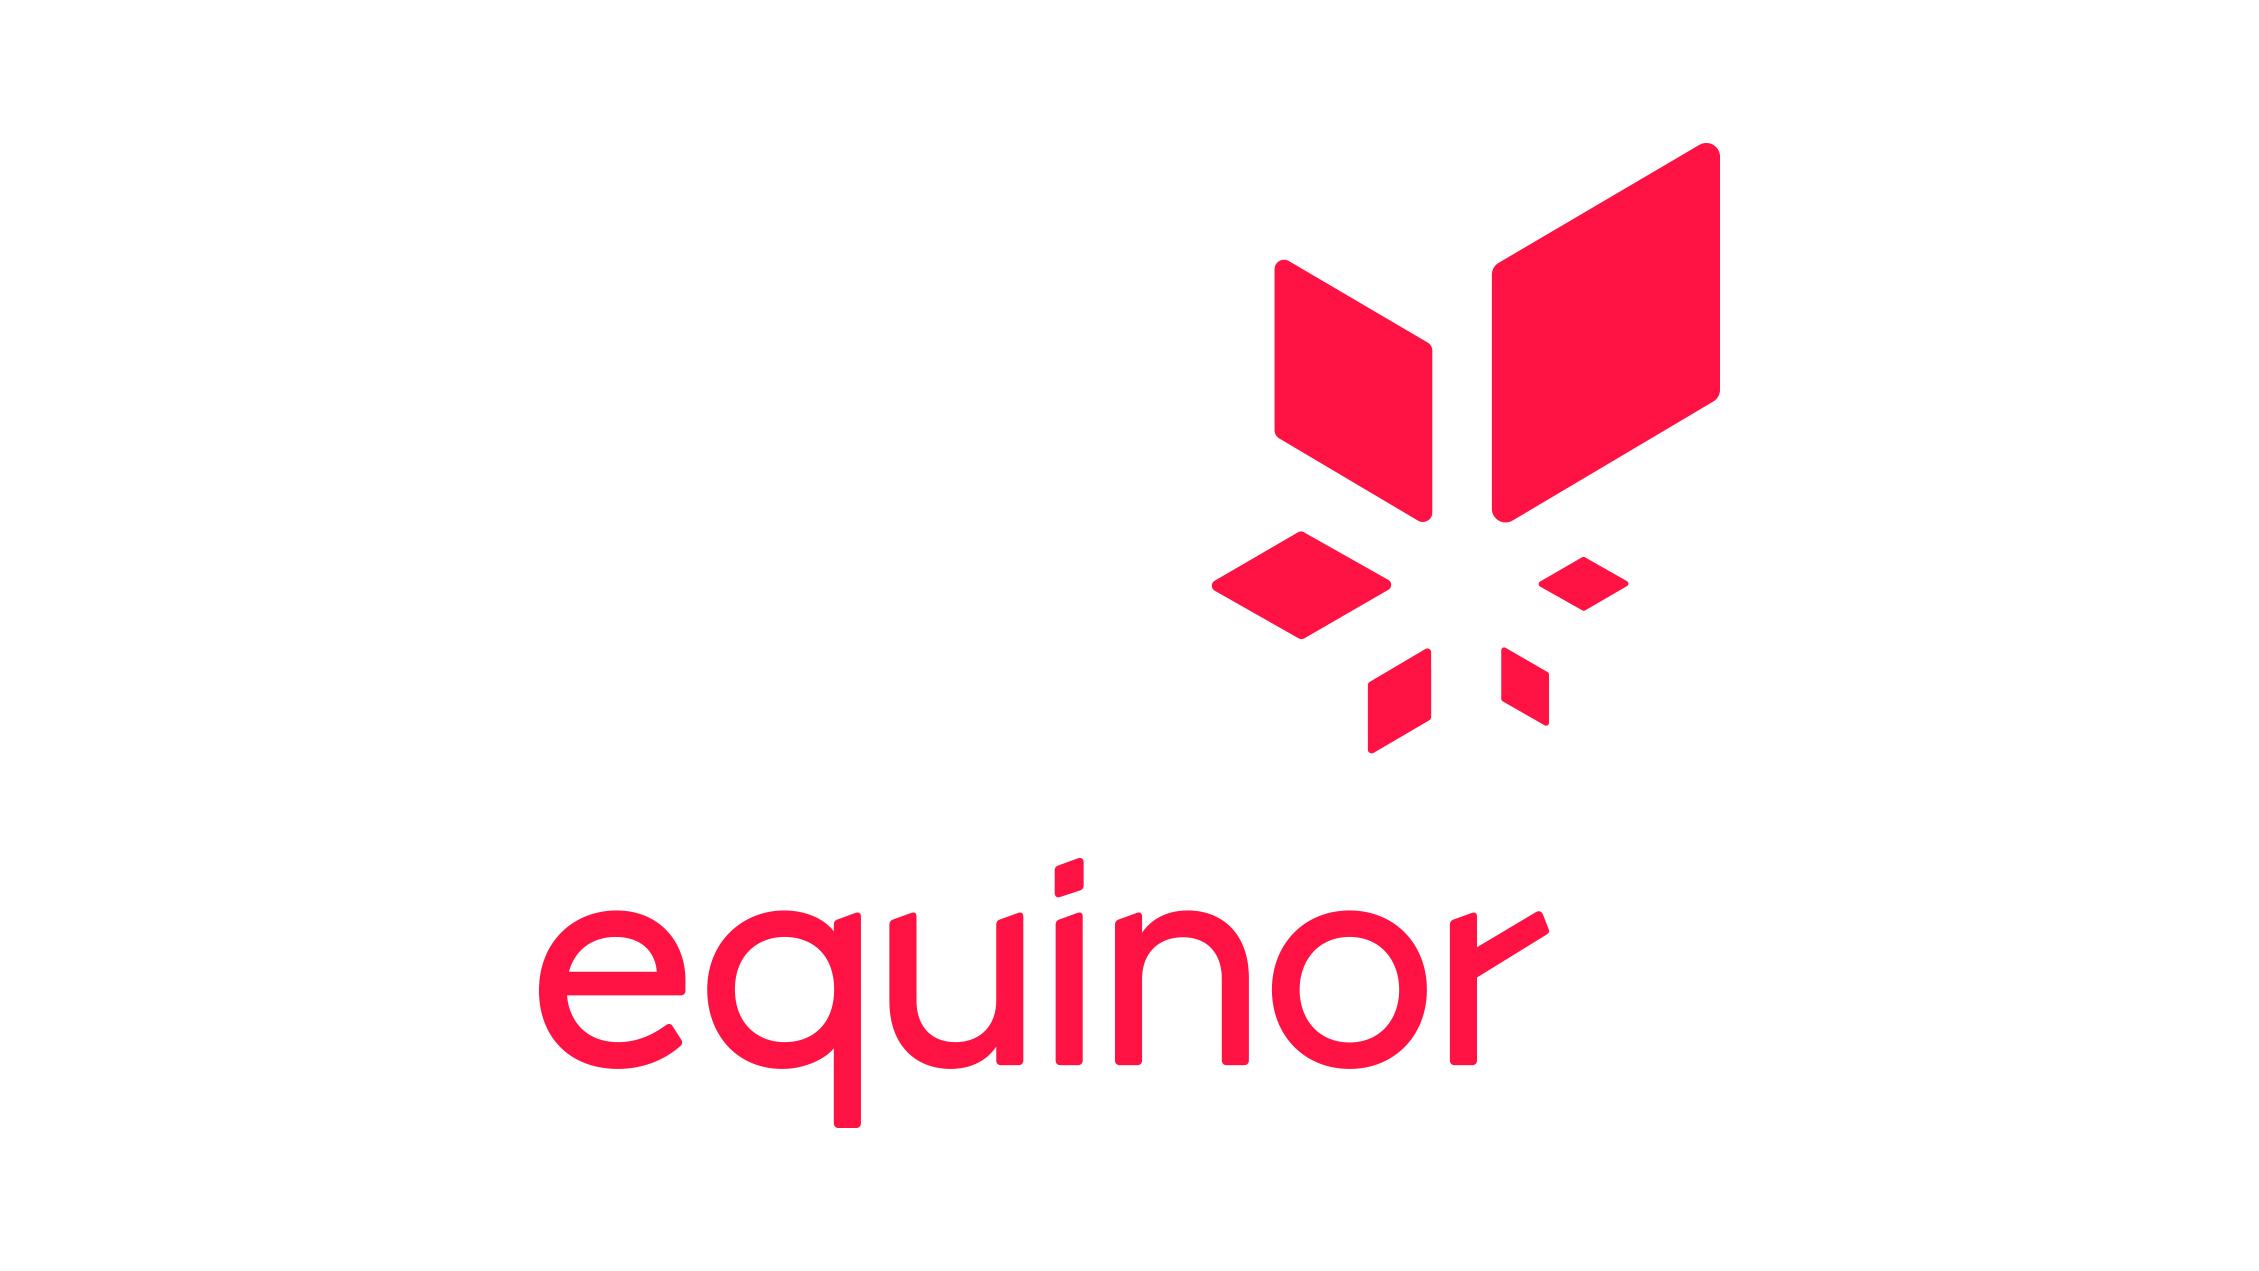 Senior Explorationist at Equinor